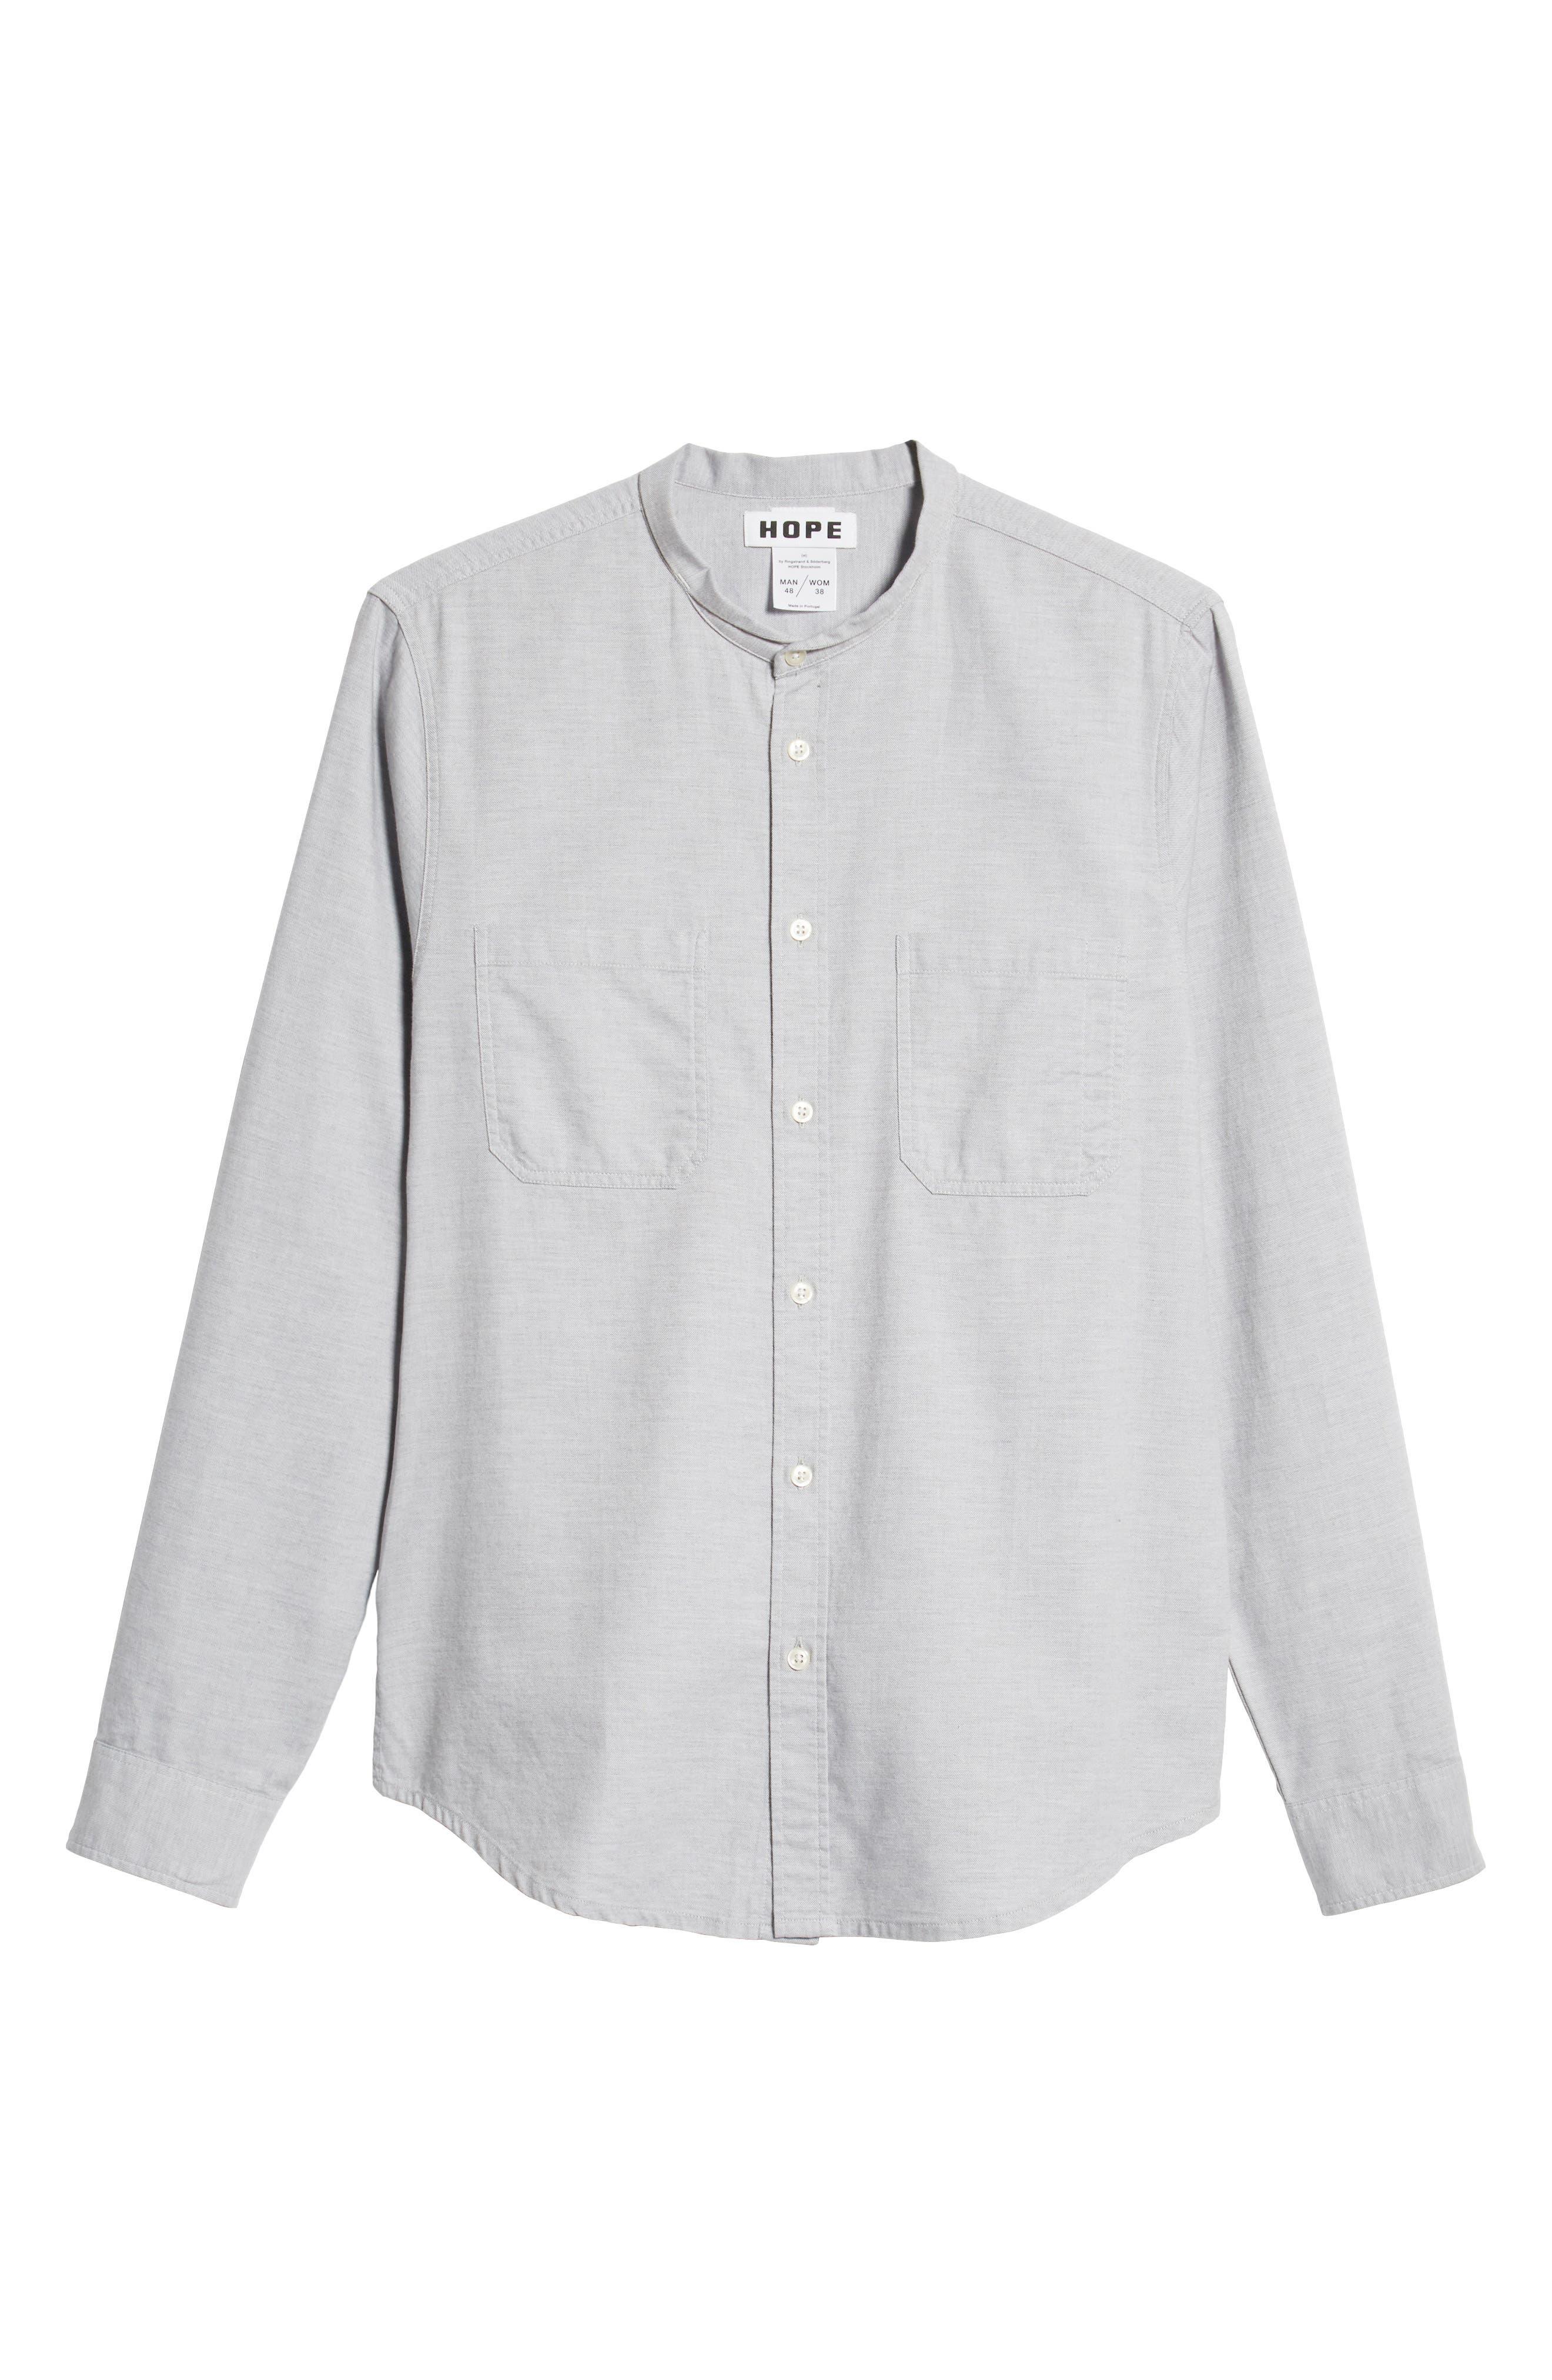 Rick Regular Fit Solid Sport Shirt,                             Alternate thumbnail 5, color,                             GREY MELANGE